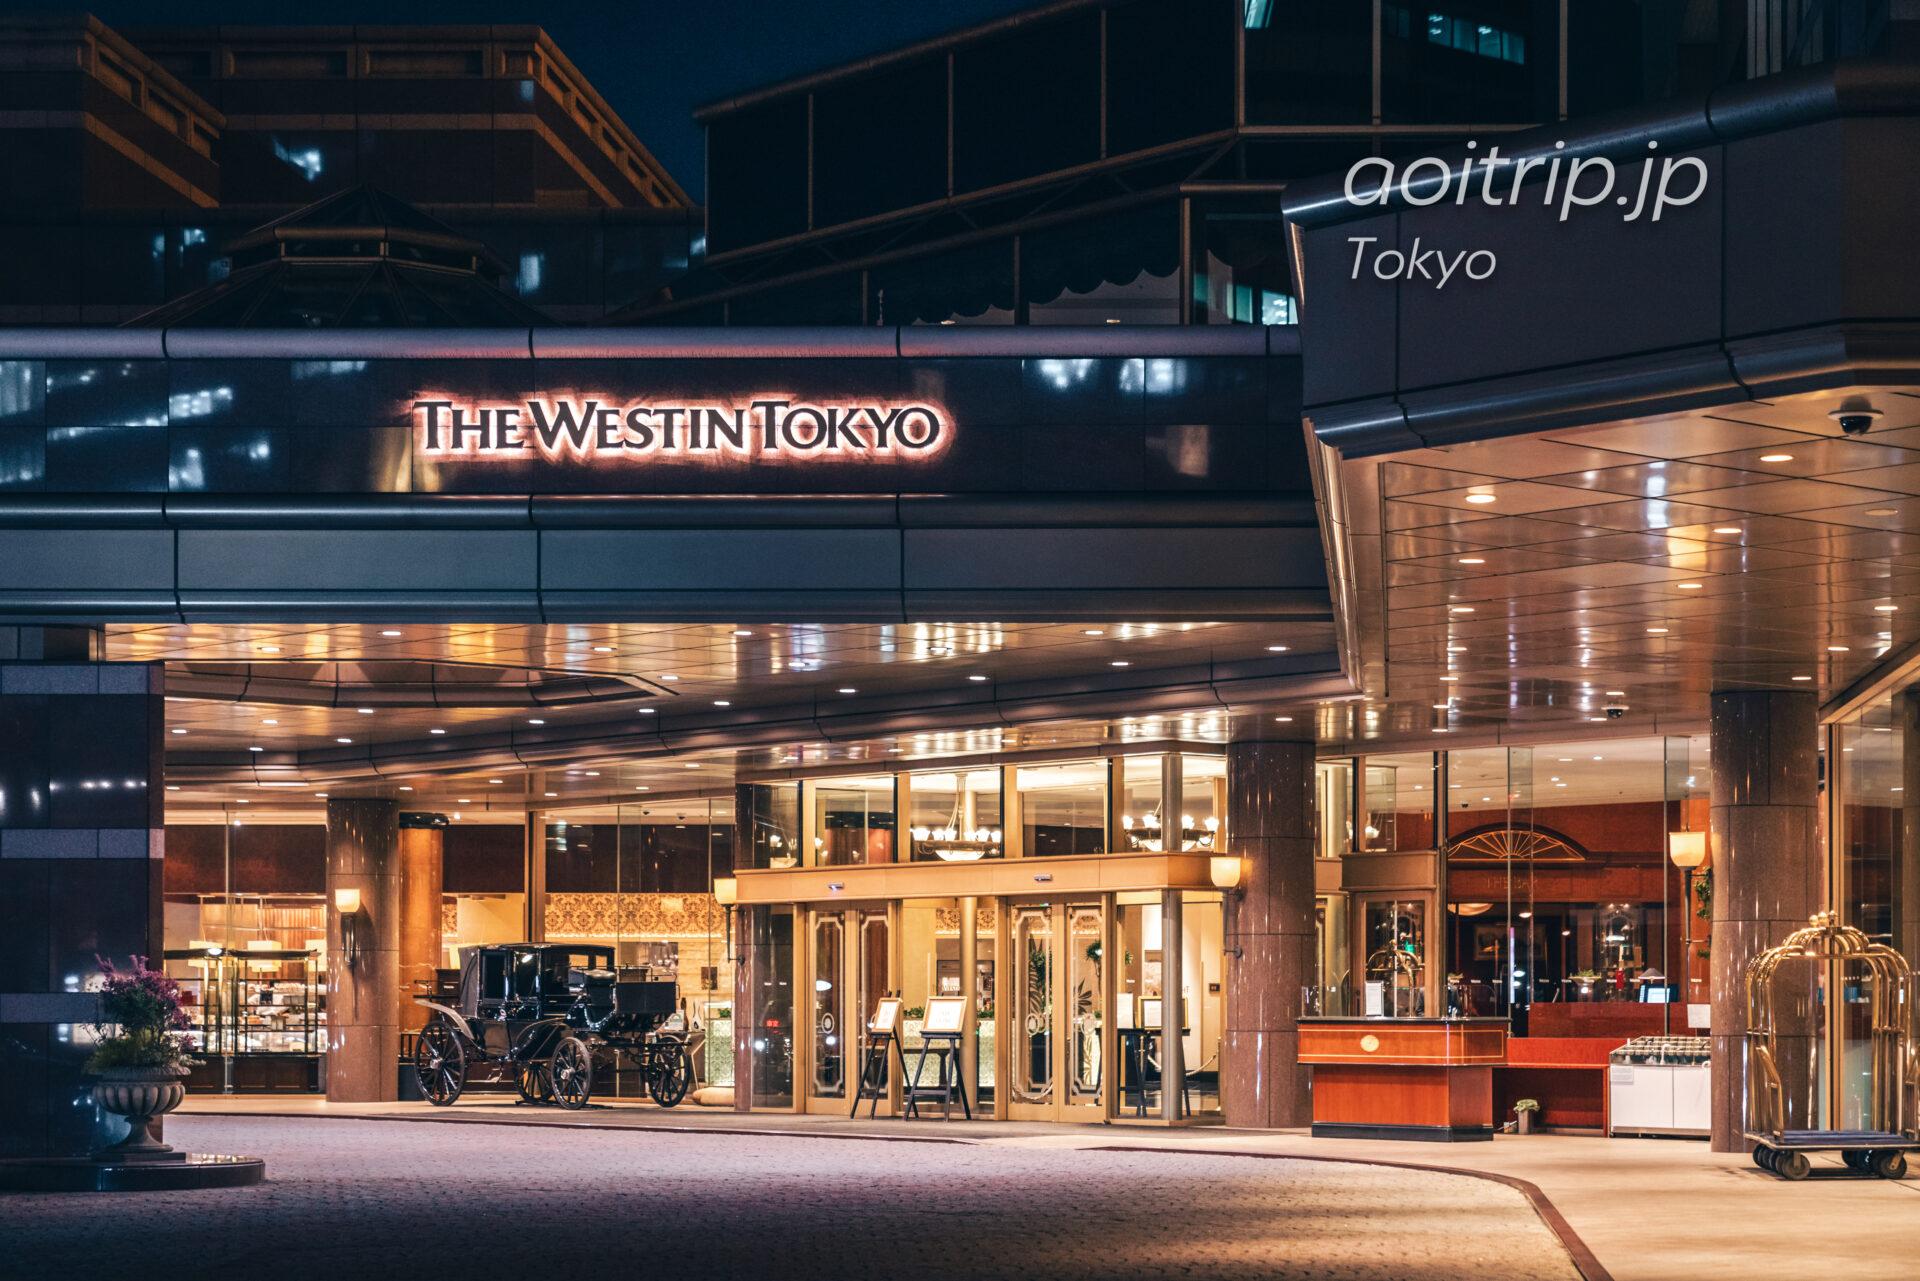 ウェスティンホテル東京 宿泊記|The Westin Tokyo ホテルのエントランス